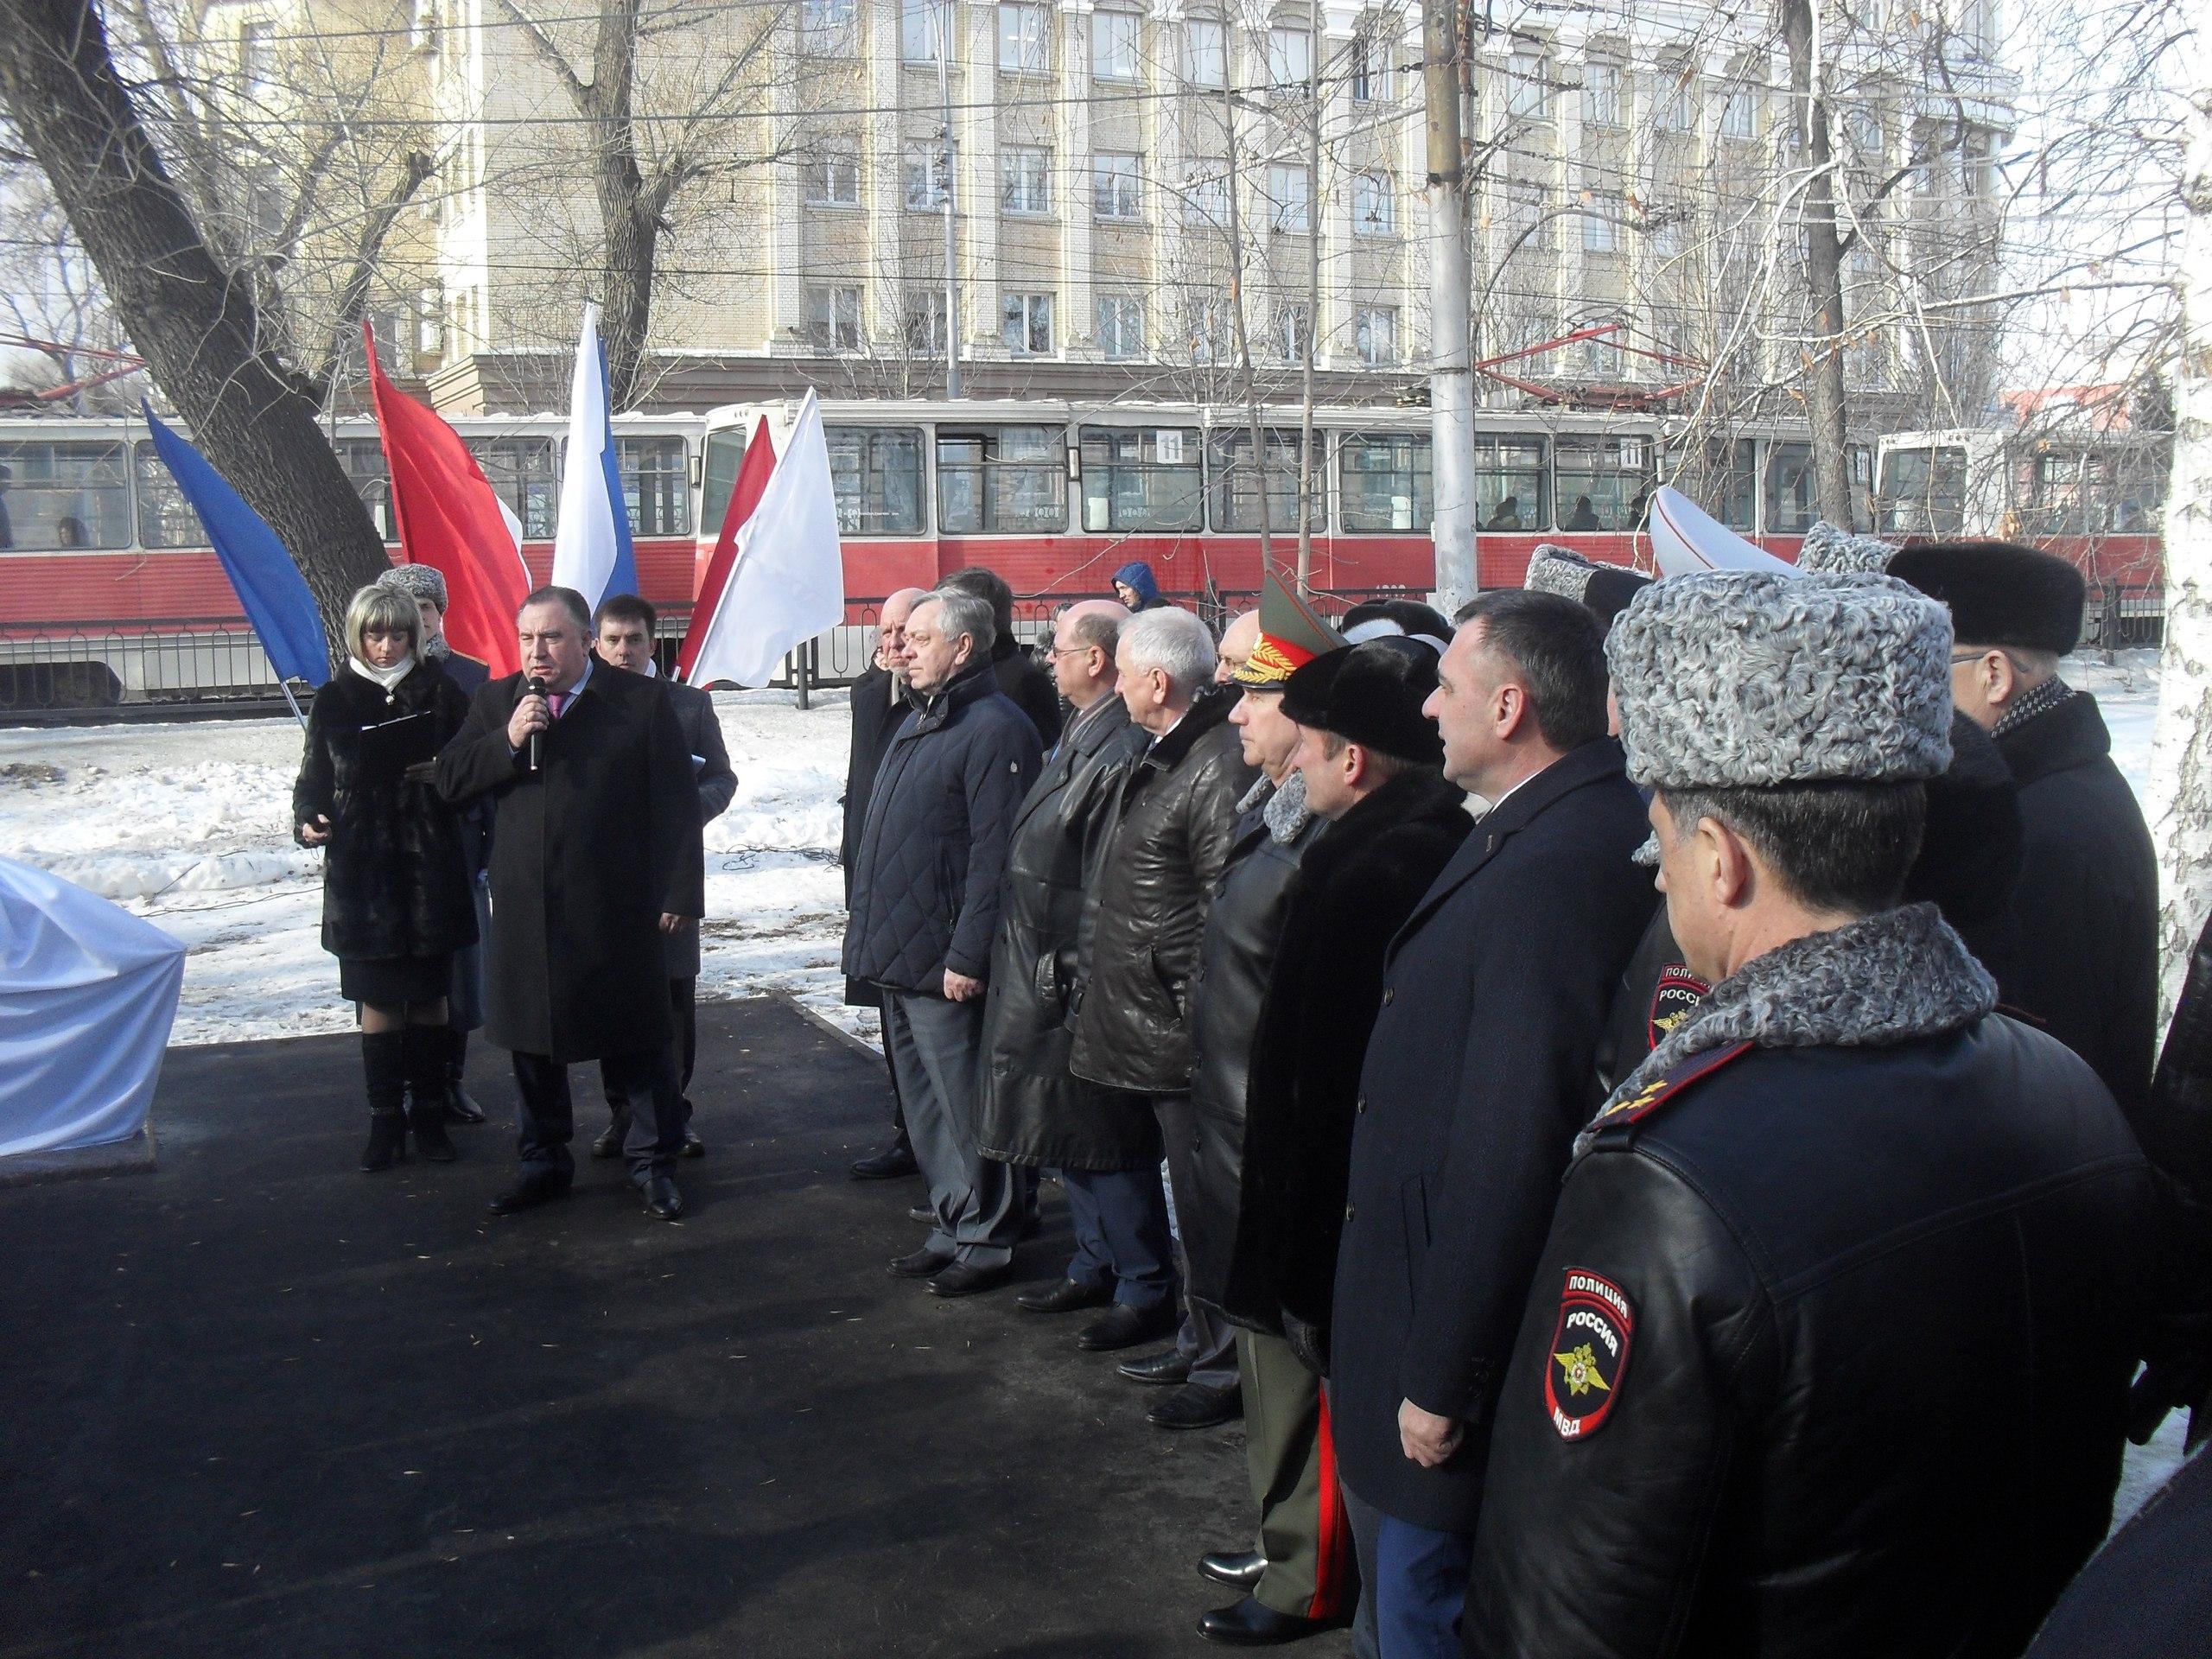 ВСаратове открыли аллею имени Героя России генерала Анатолия Романова